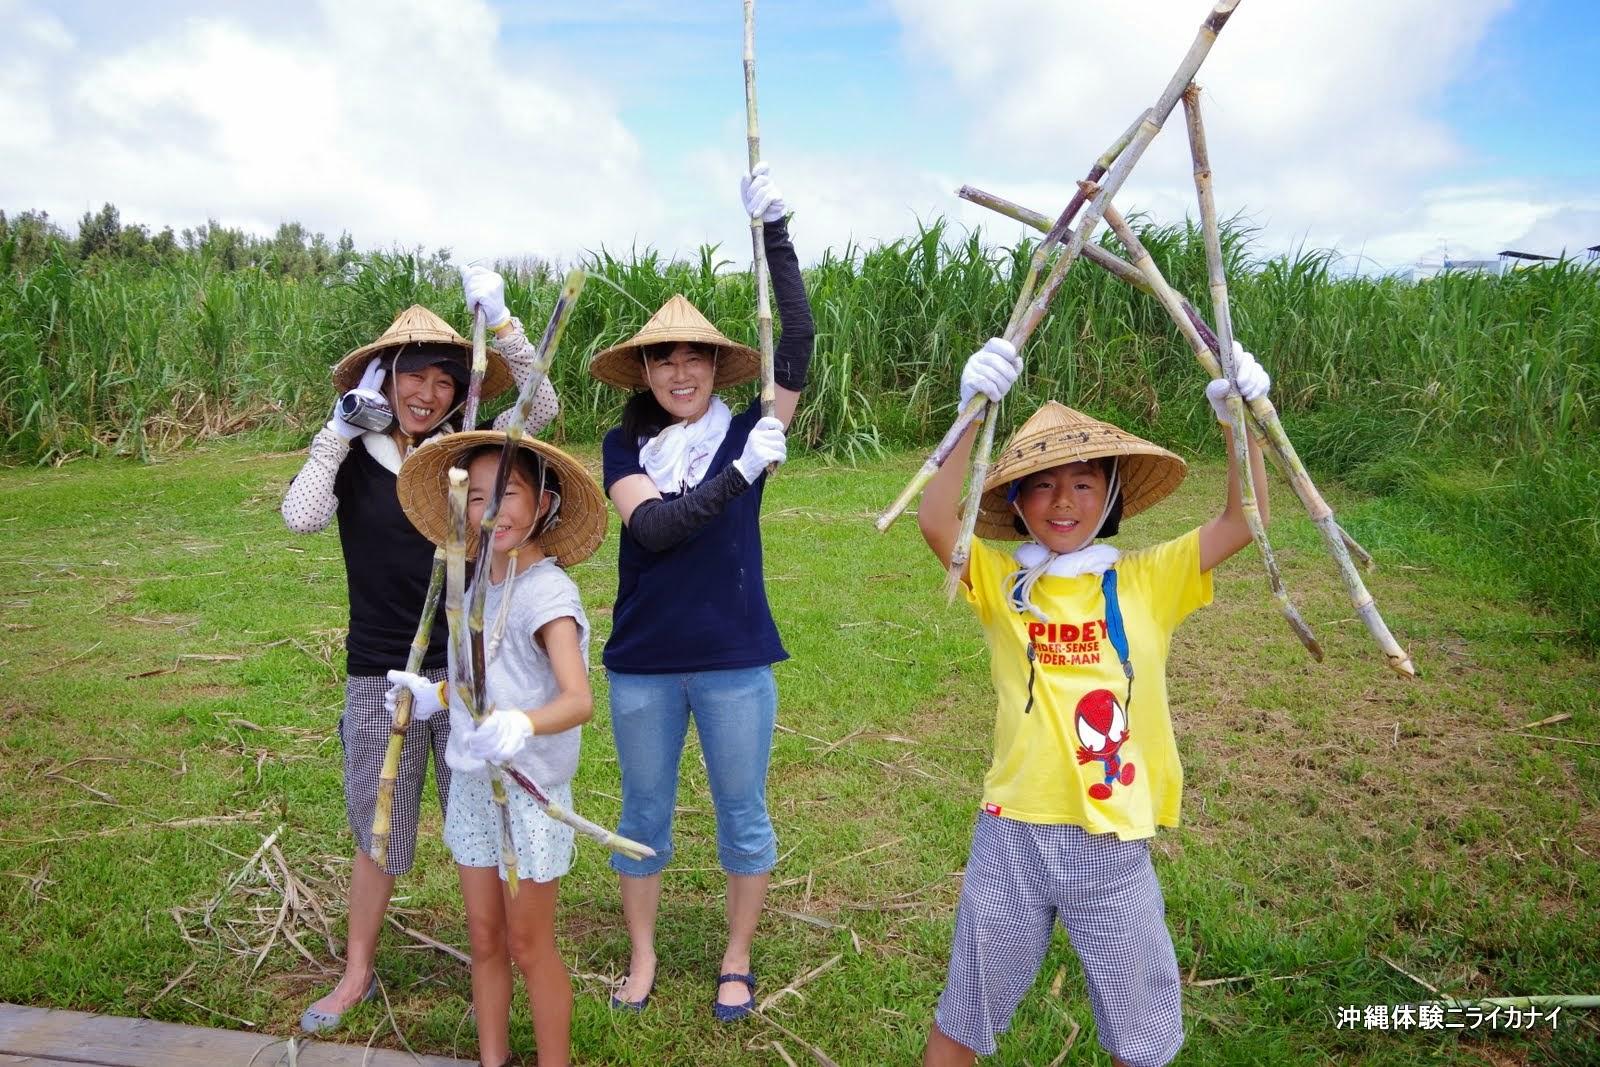 体験/観光 サトウキビ 収穫 黒糖 夏休み 宿題 自由研究